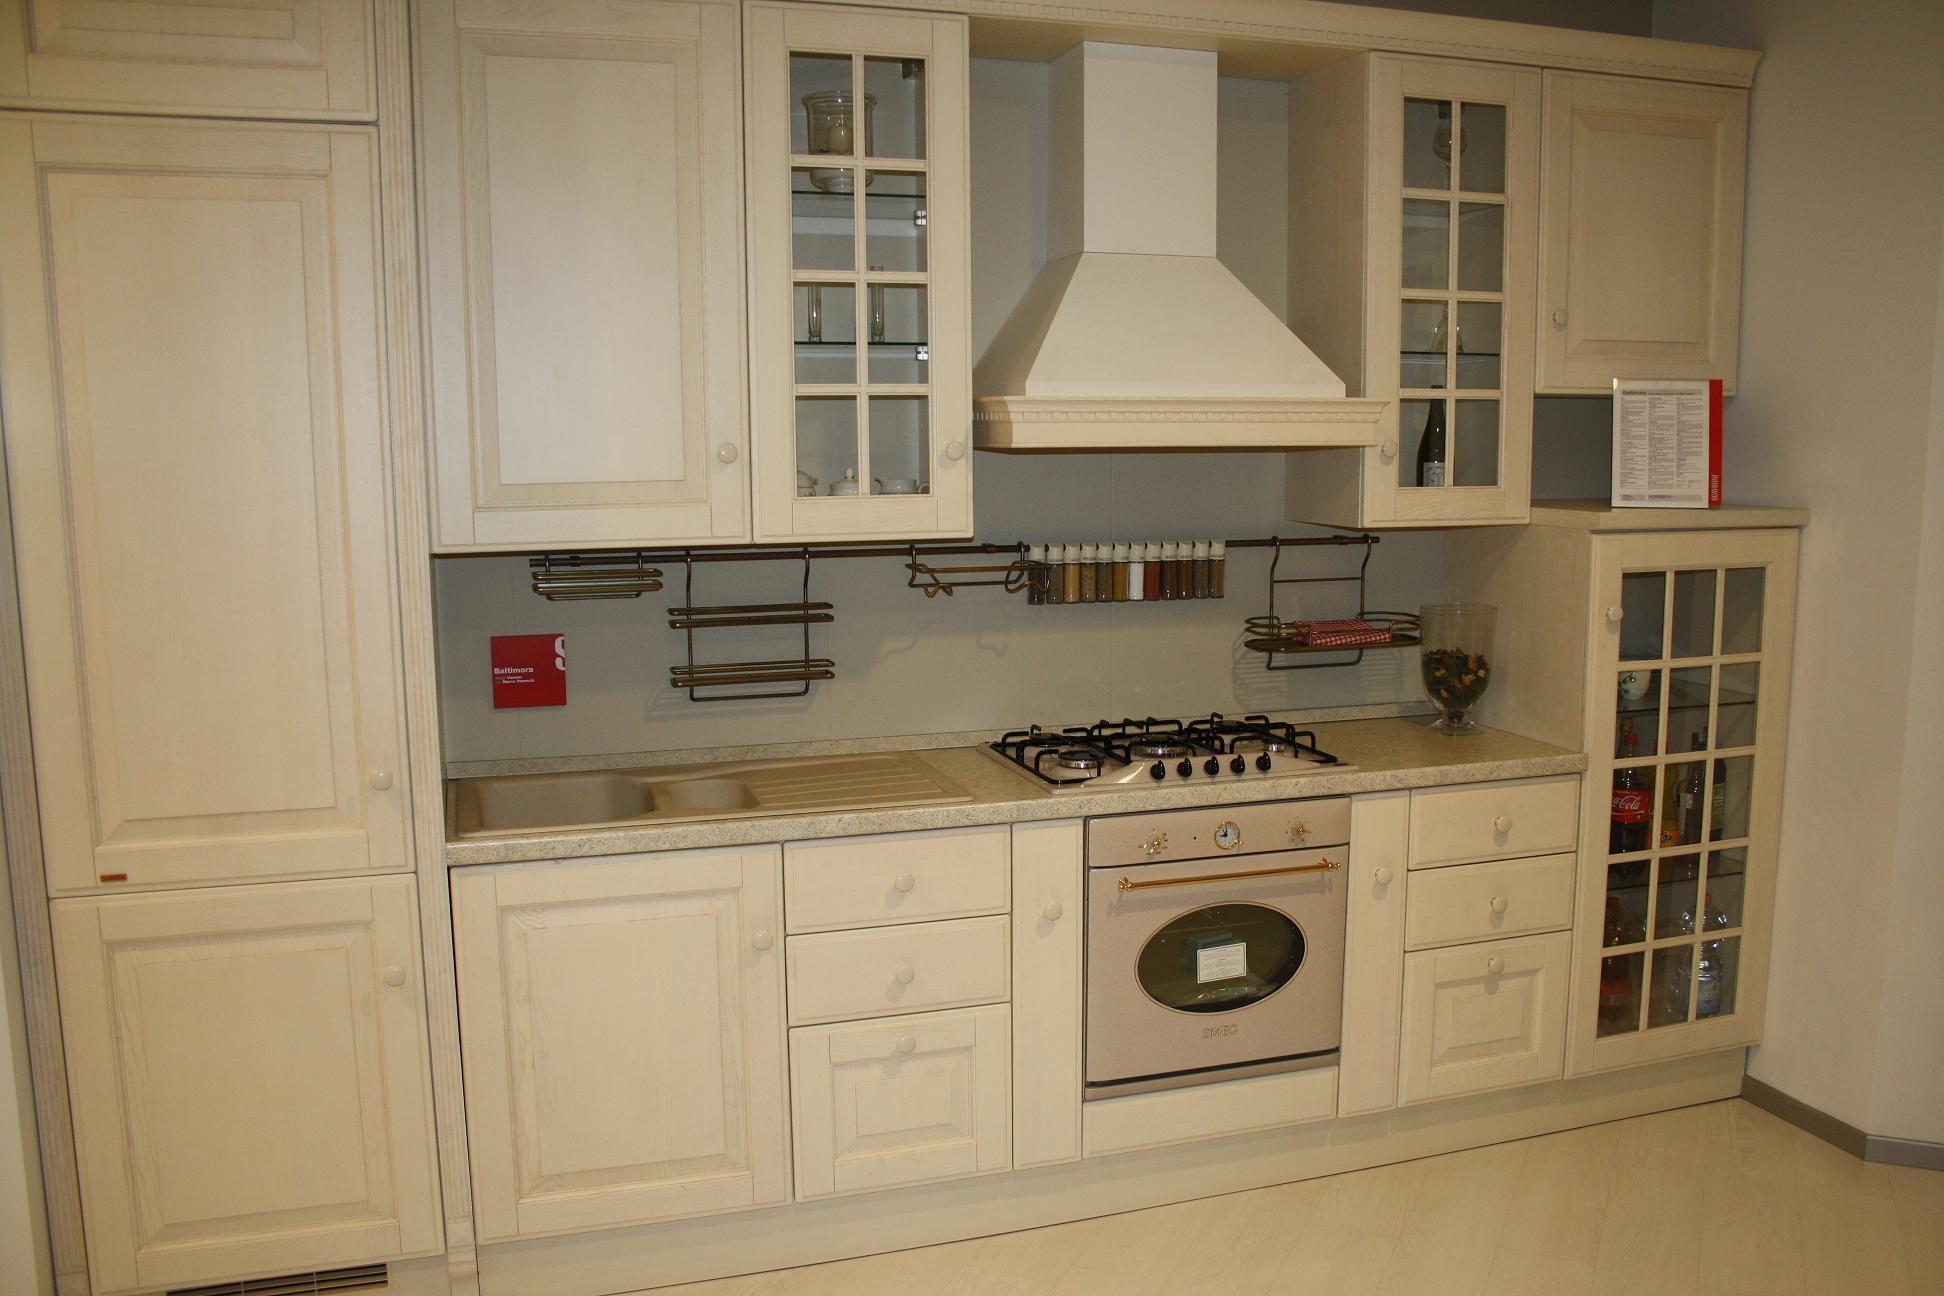 Cucina scavolini mod baltimora cucine a prezzi scontati for Cucine scavolini prezzi